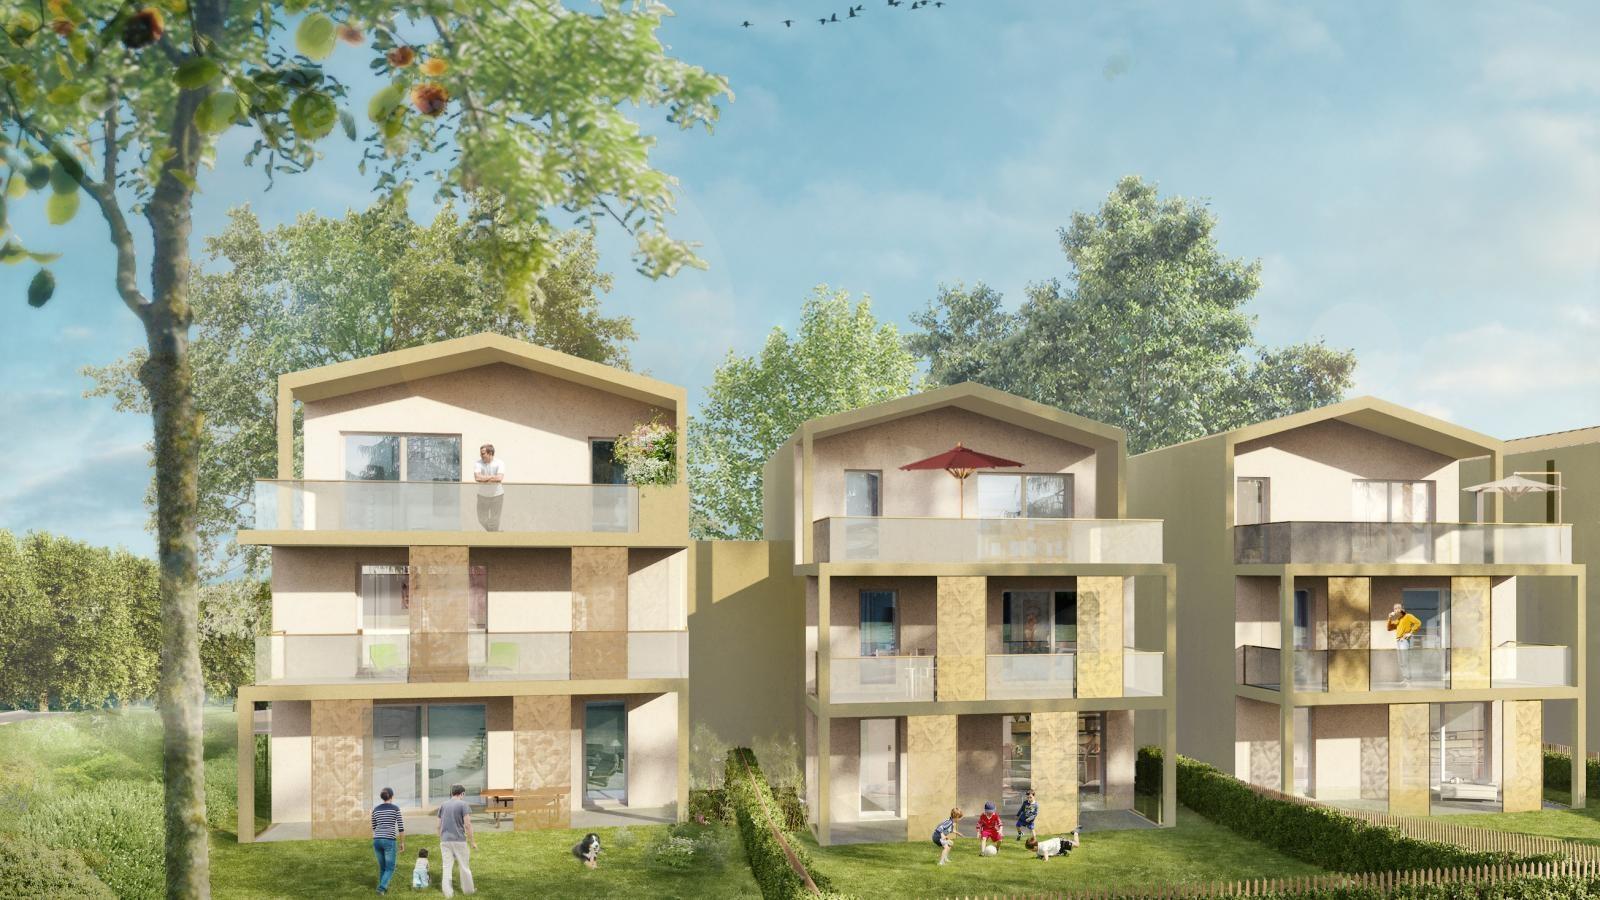 Programme immobilier Tassin-la-Demi-Lune (69160) PARC TOREY NP1